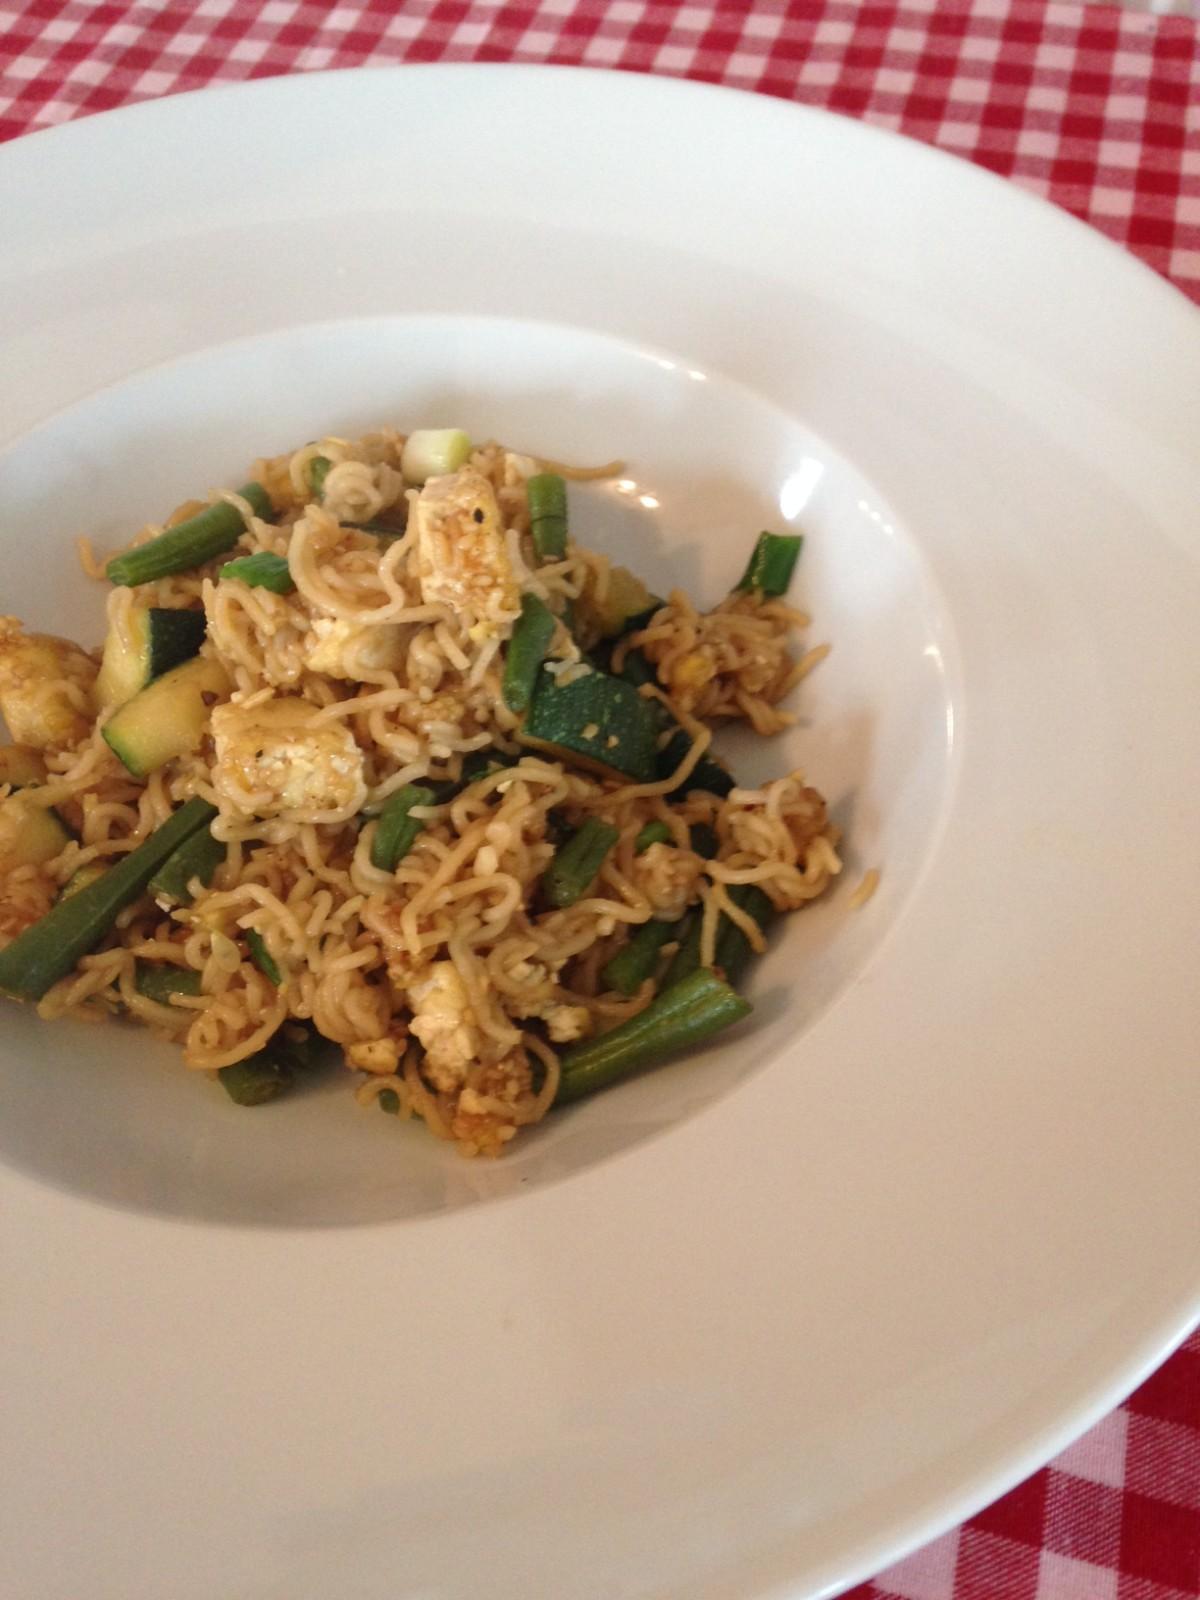 Mein Vorschlag fürs Mittagessen: Asiatische Gemüse-Tofu-Nudel-Pfanne (vegan)